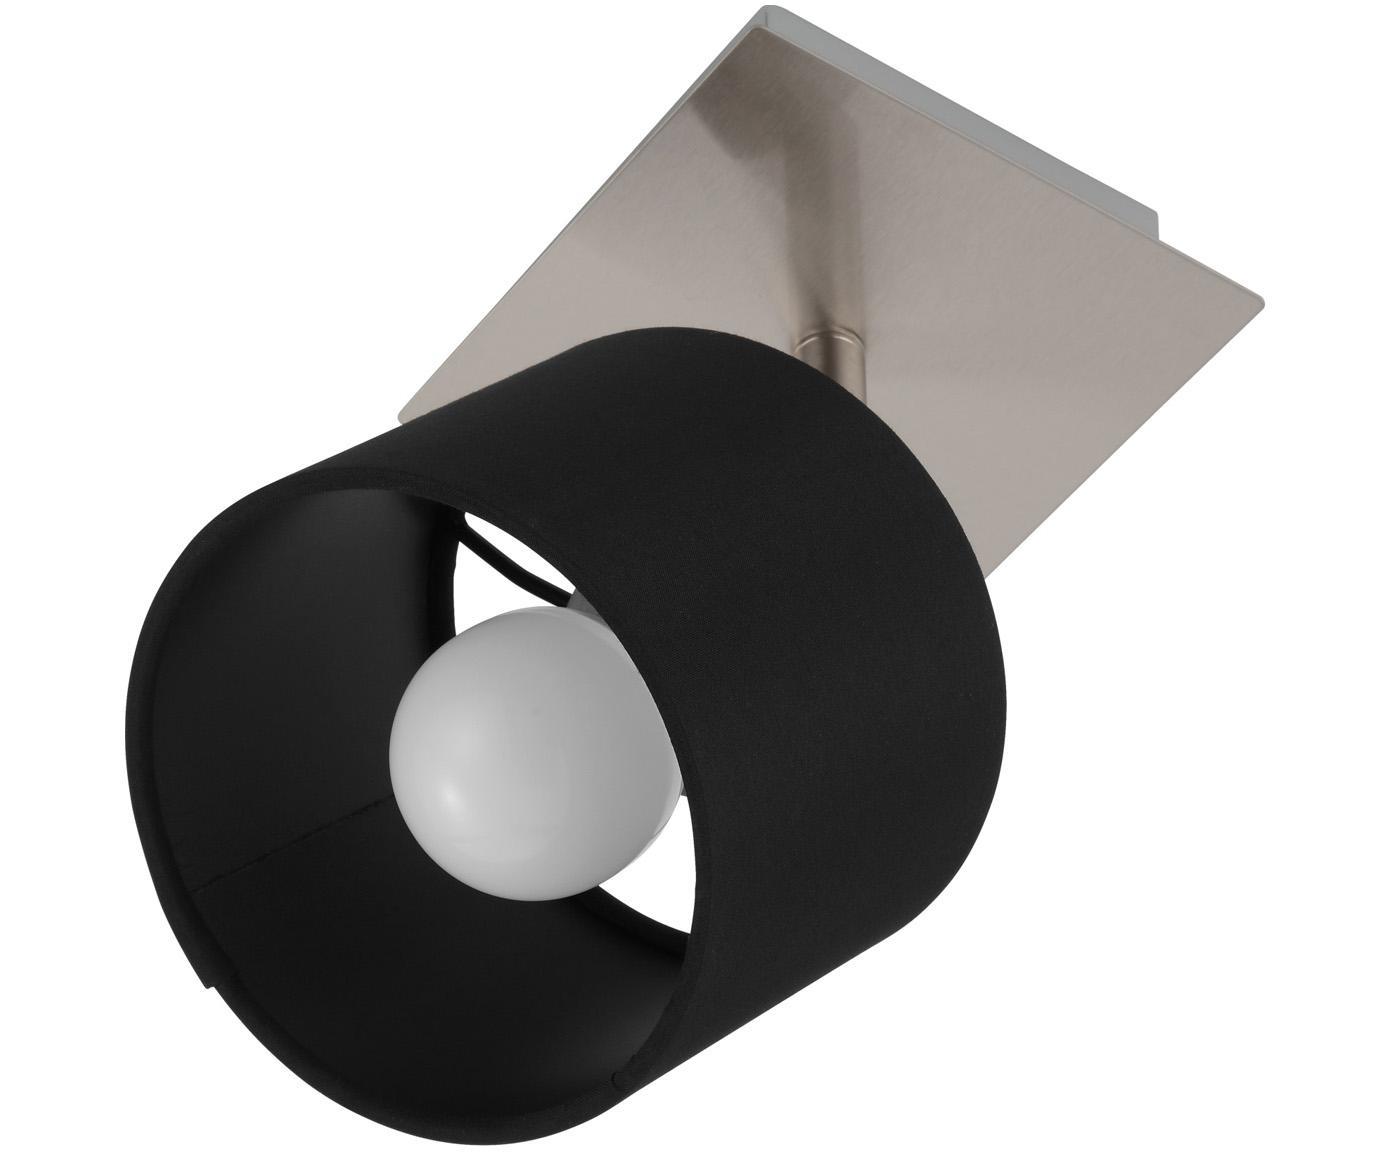 Plafondlamp Casper, Baldakijn: vernikkeld metaal, Lampenkap: textiel, Zilverkleurig, zwart, 11 x 11 cm